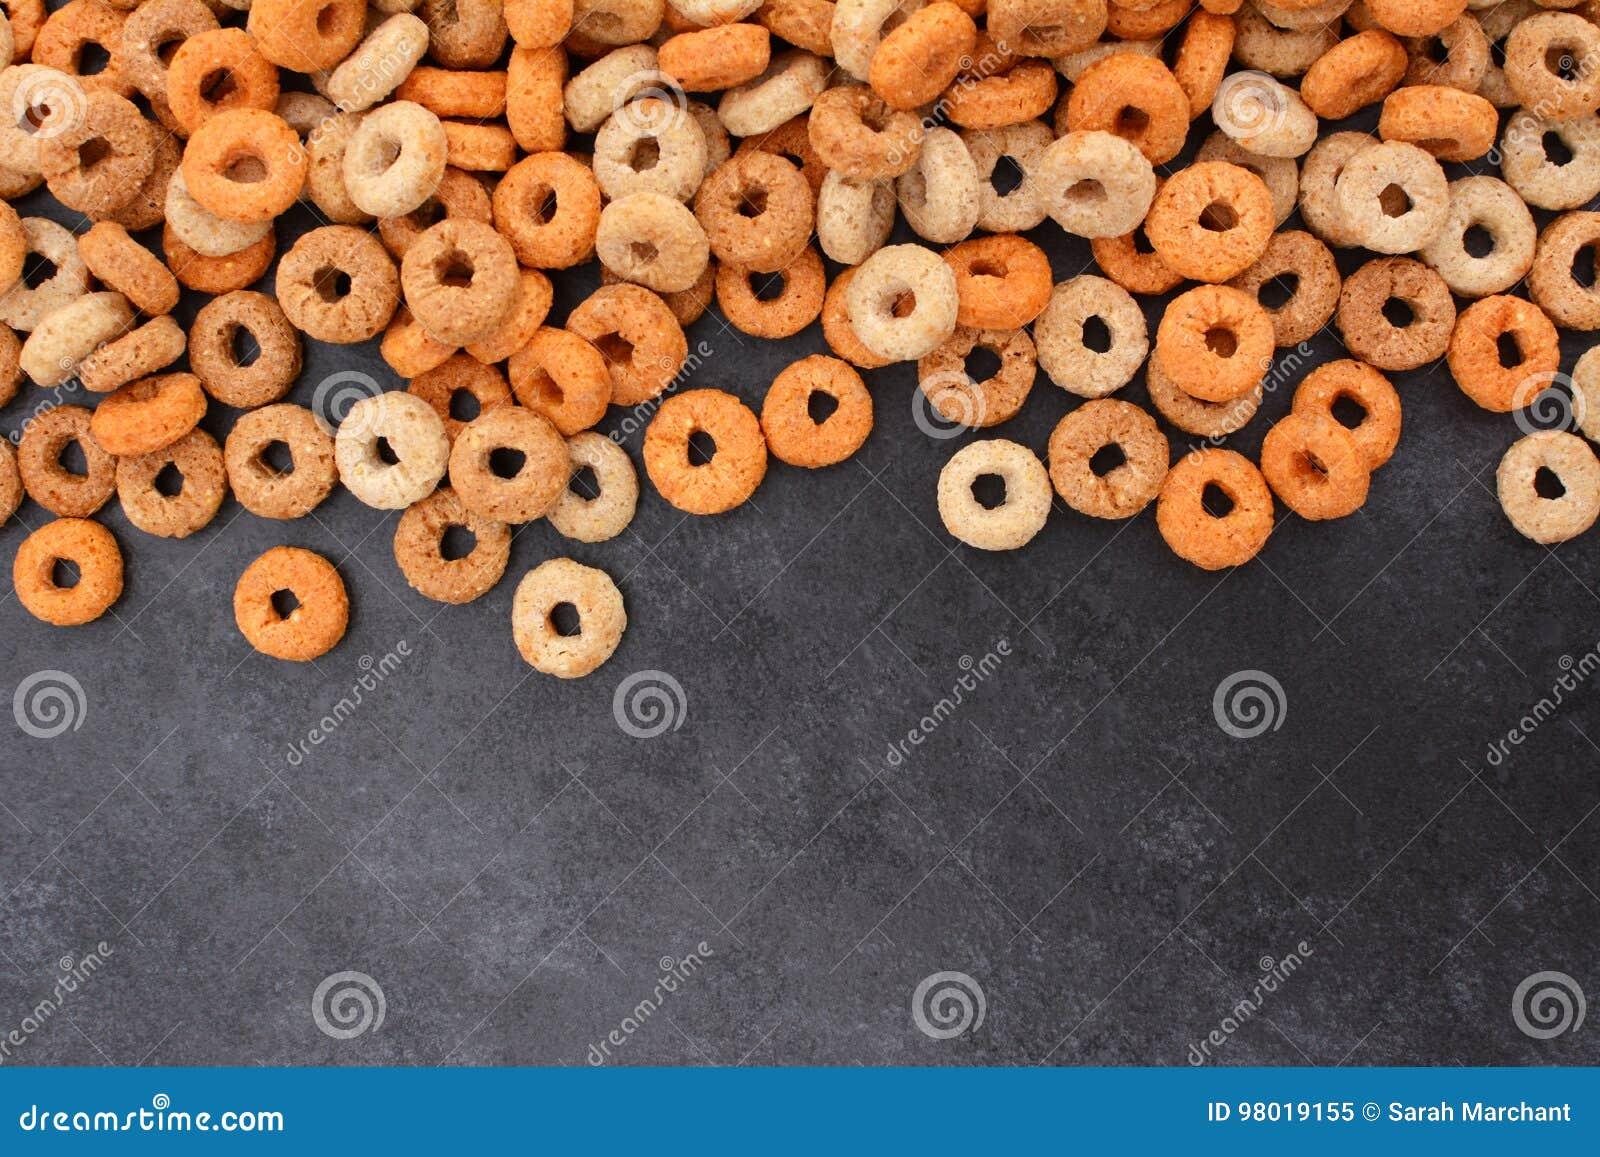 Multigrain hoops breakfast cereal border on dark grey slate